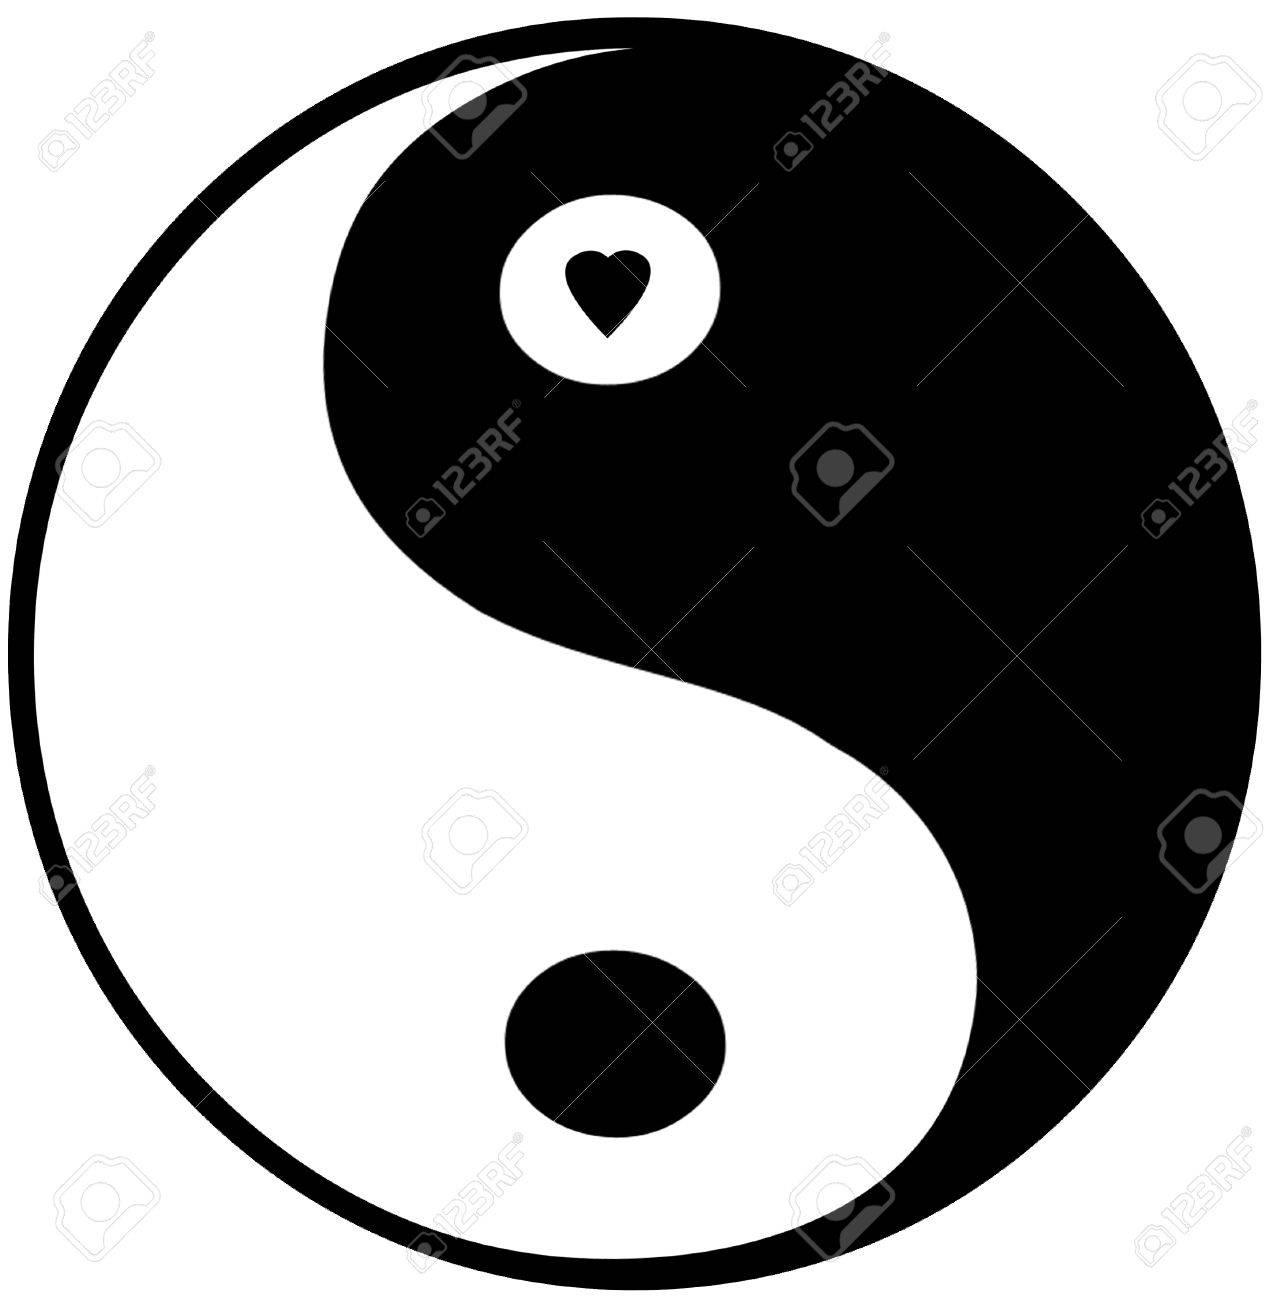 Yin Yang Symbol Small Heart In Top Circle Foto Royalty Free